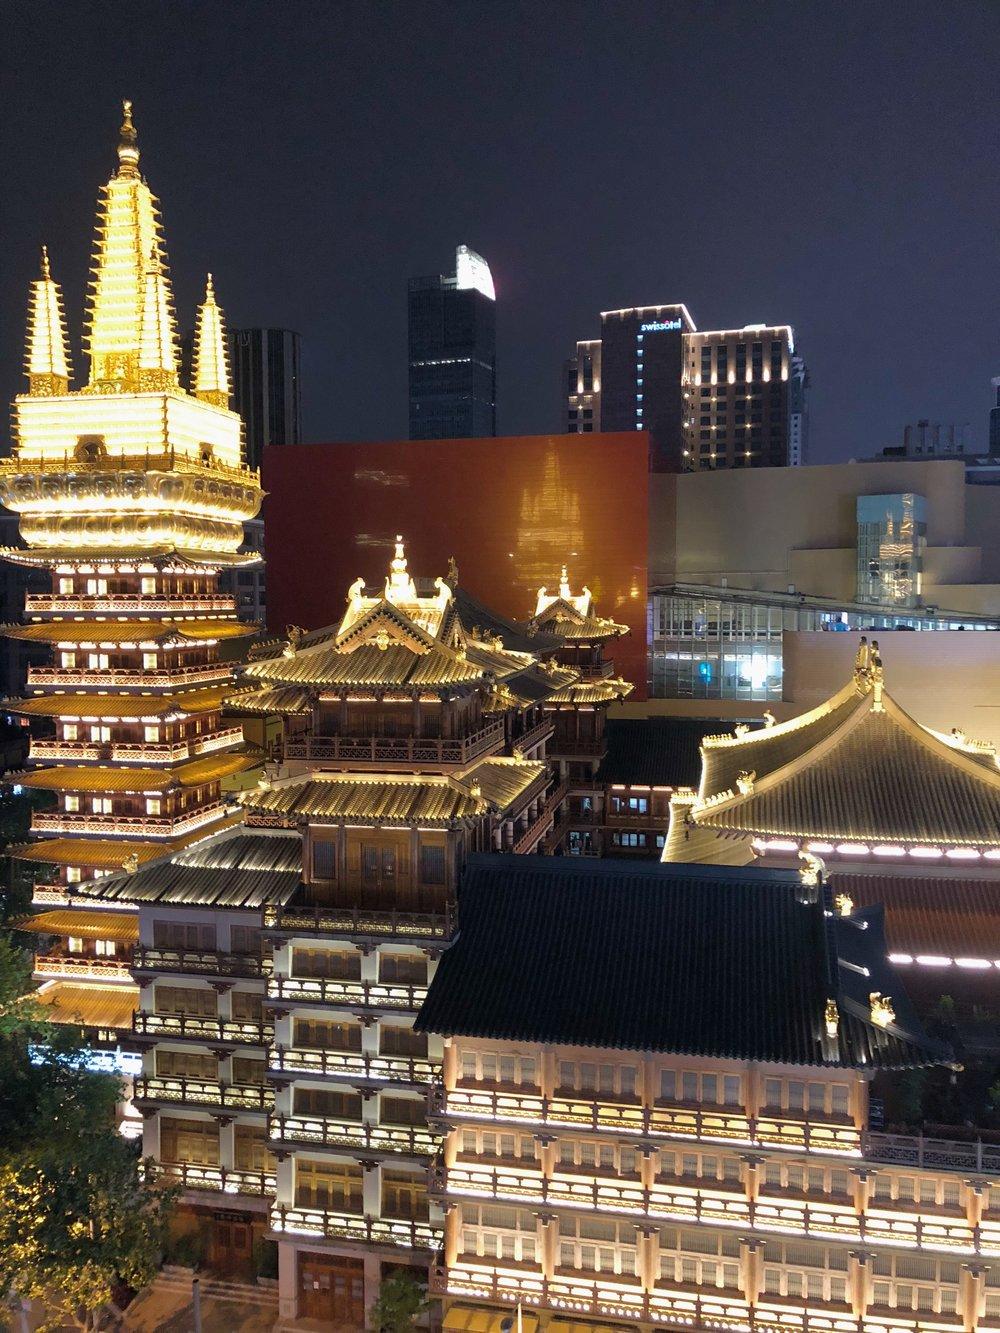 buildings at night.jpg